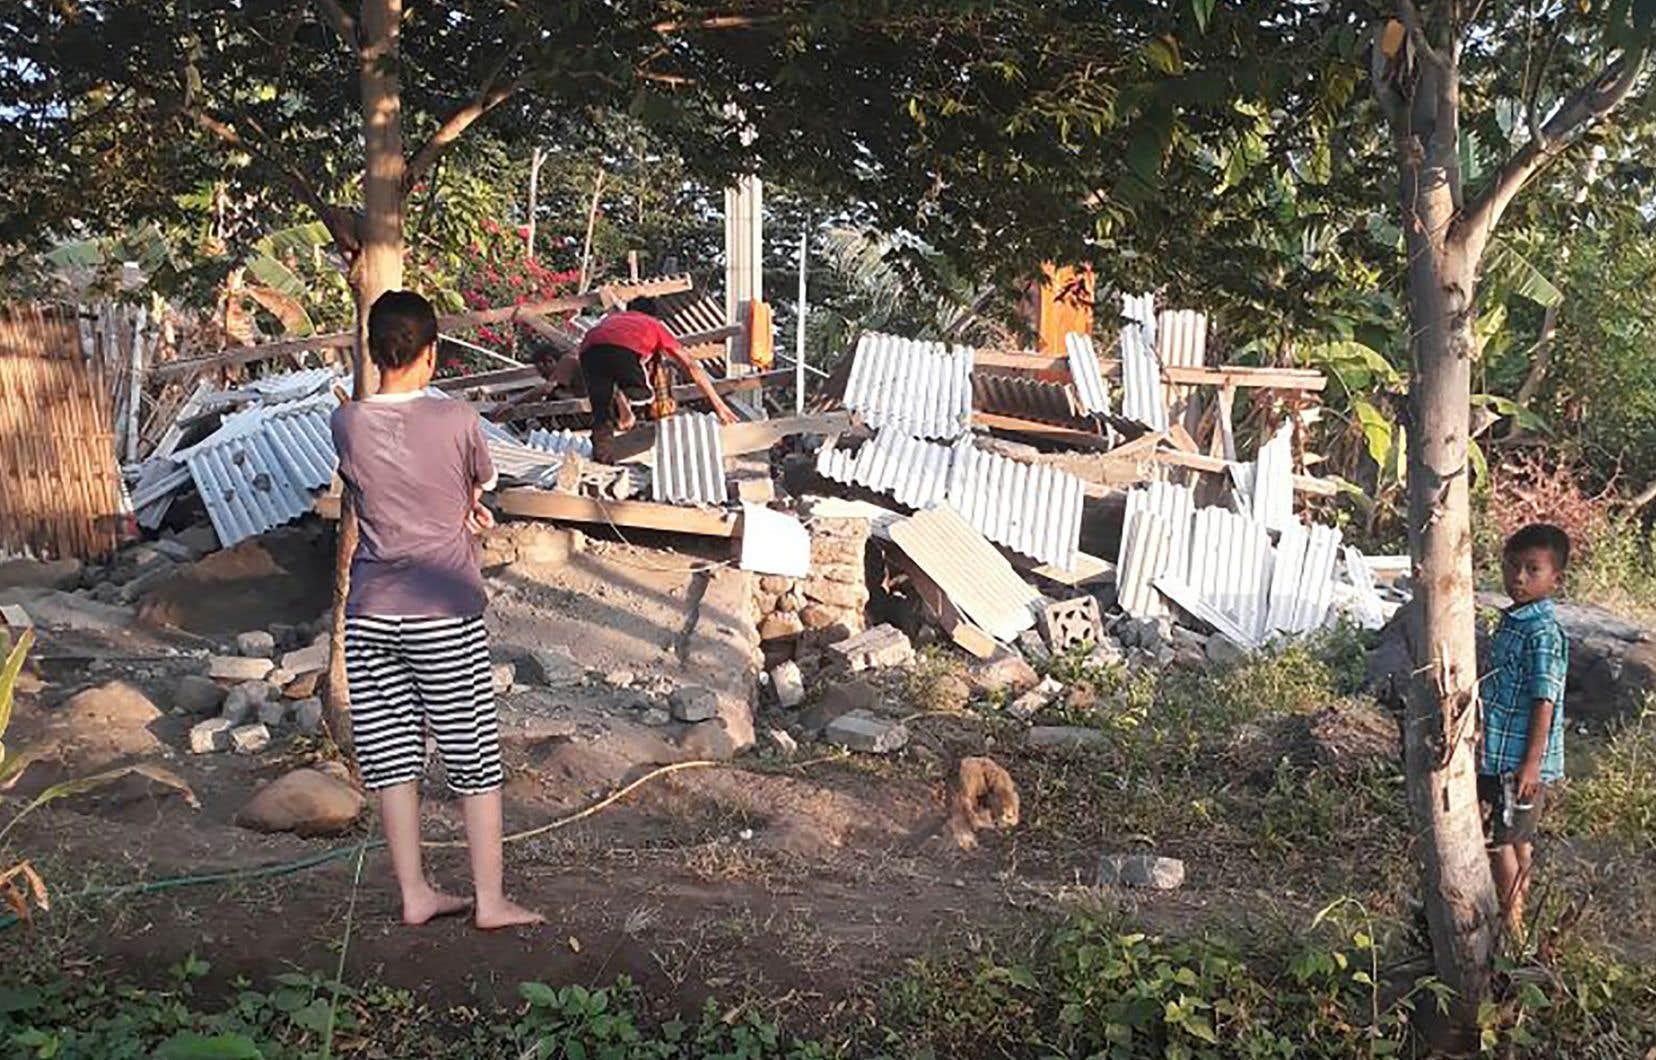 Le séisme a eu lieu à 50 kilomètres au nord-est de Mataram, la principale ville de l'île de Lombok.